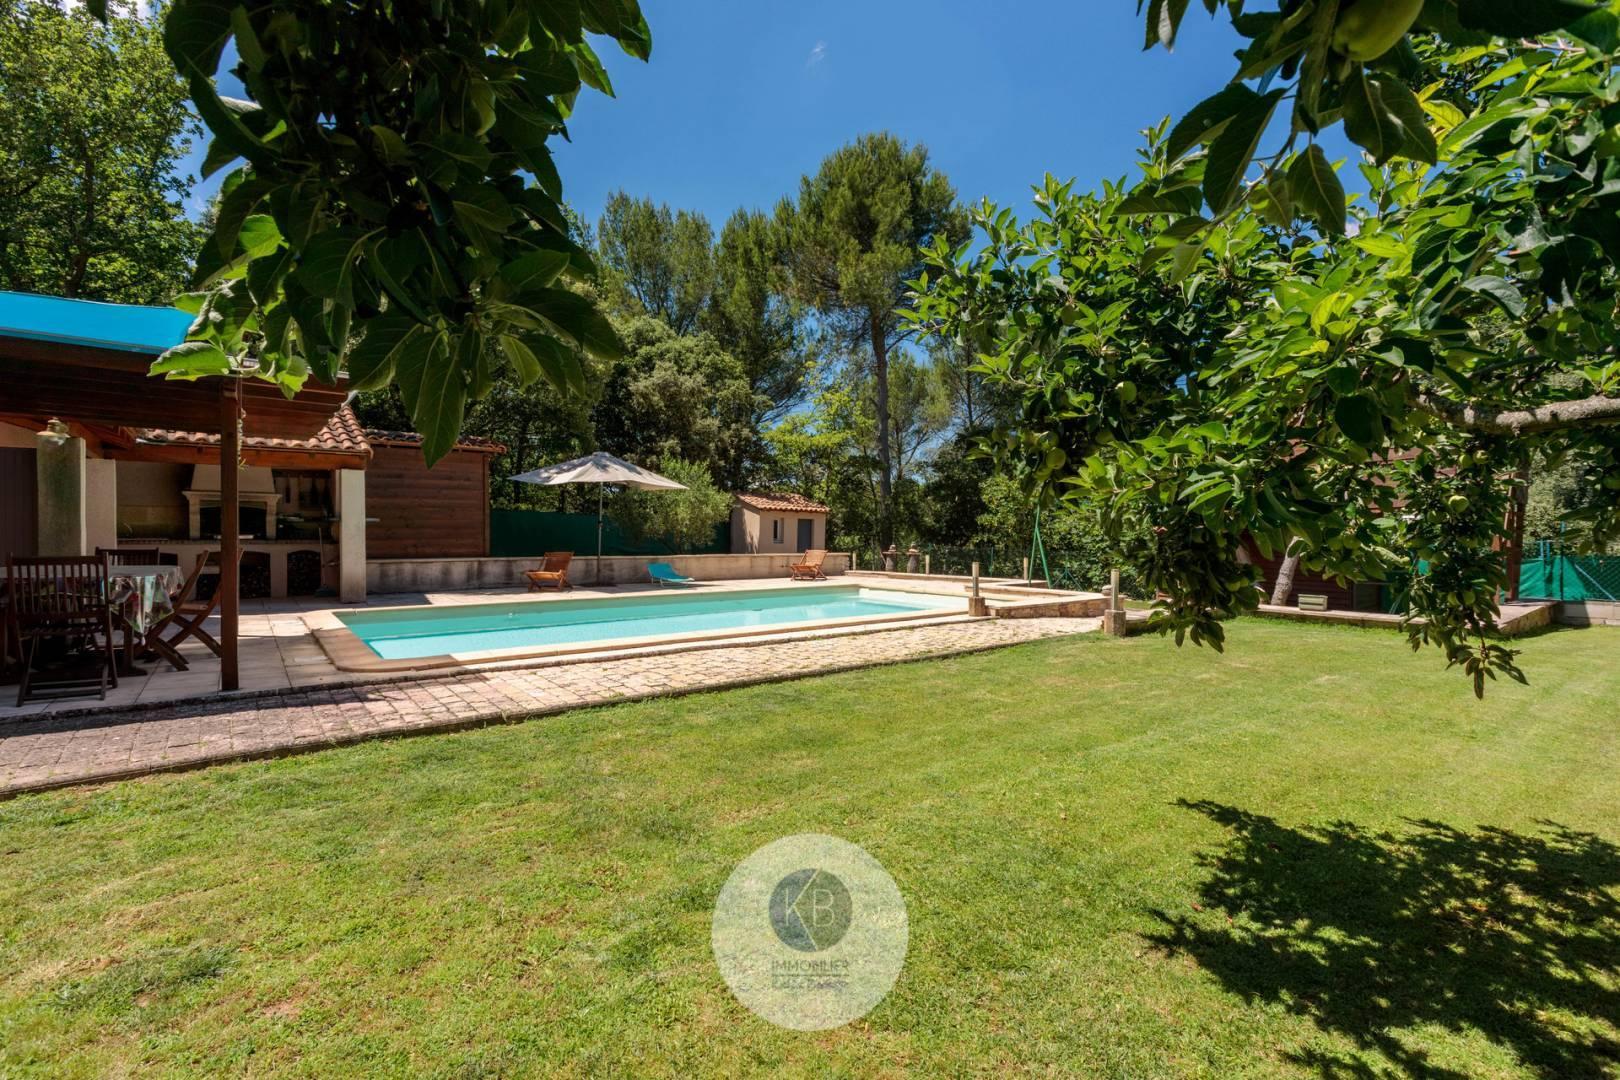 Courtyard Swimming pool